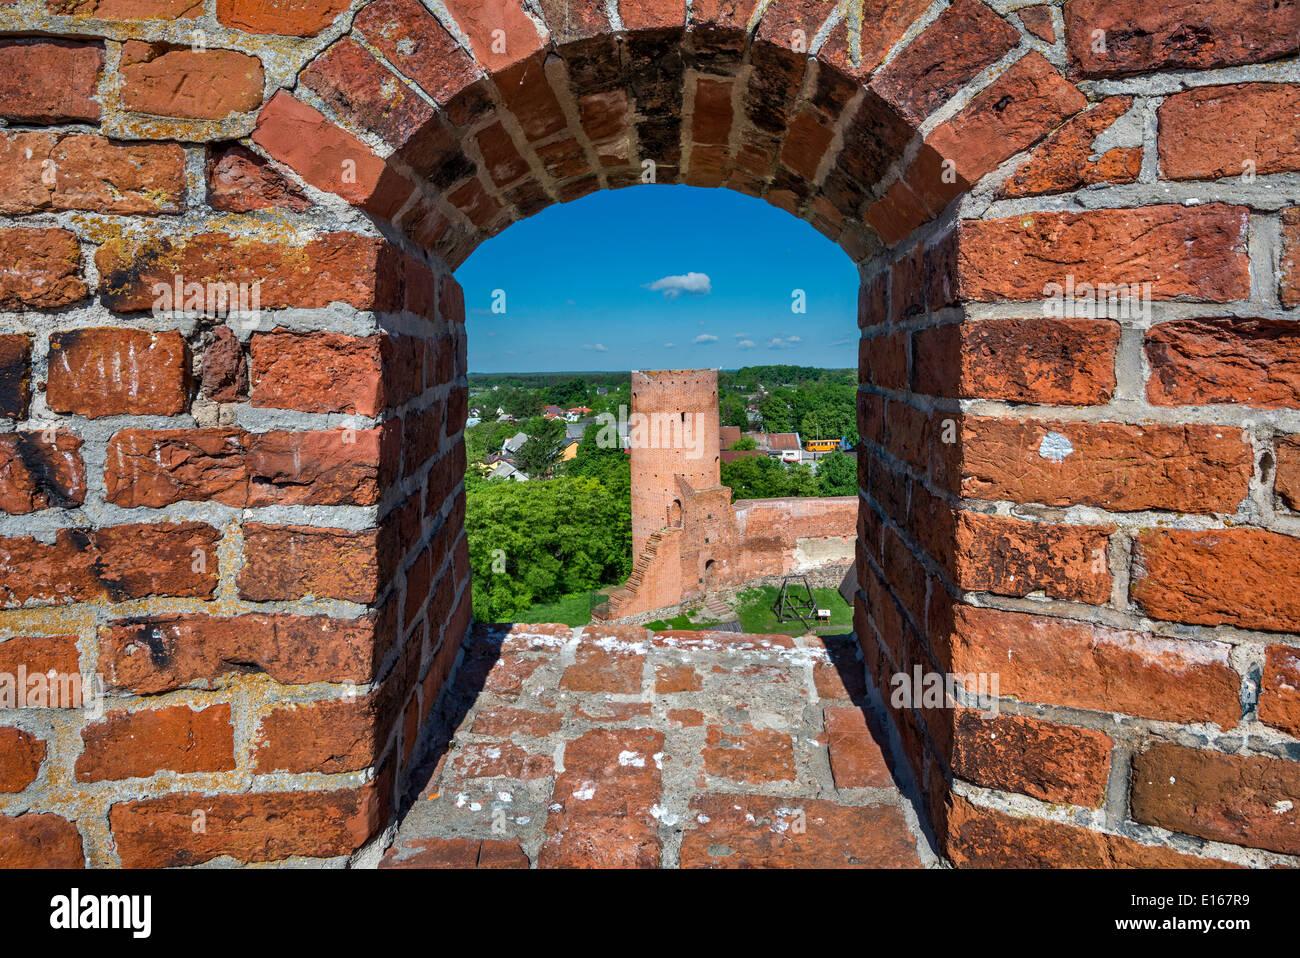 Visto a través de la Torre Oeste en embrasure Torre Sur de príncipes Mazovian castillo medieval cerca de la aldea de Czersk, Mazovia, Polonia Imagen De Stock